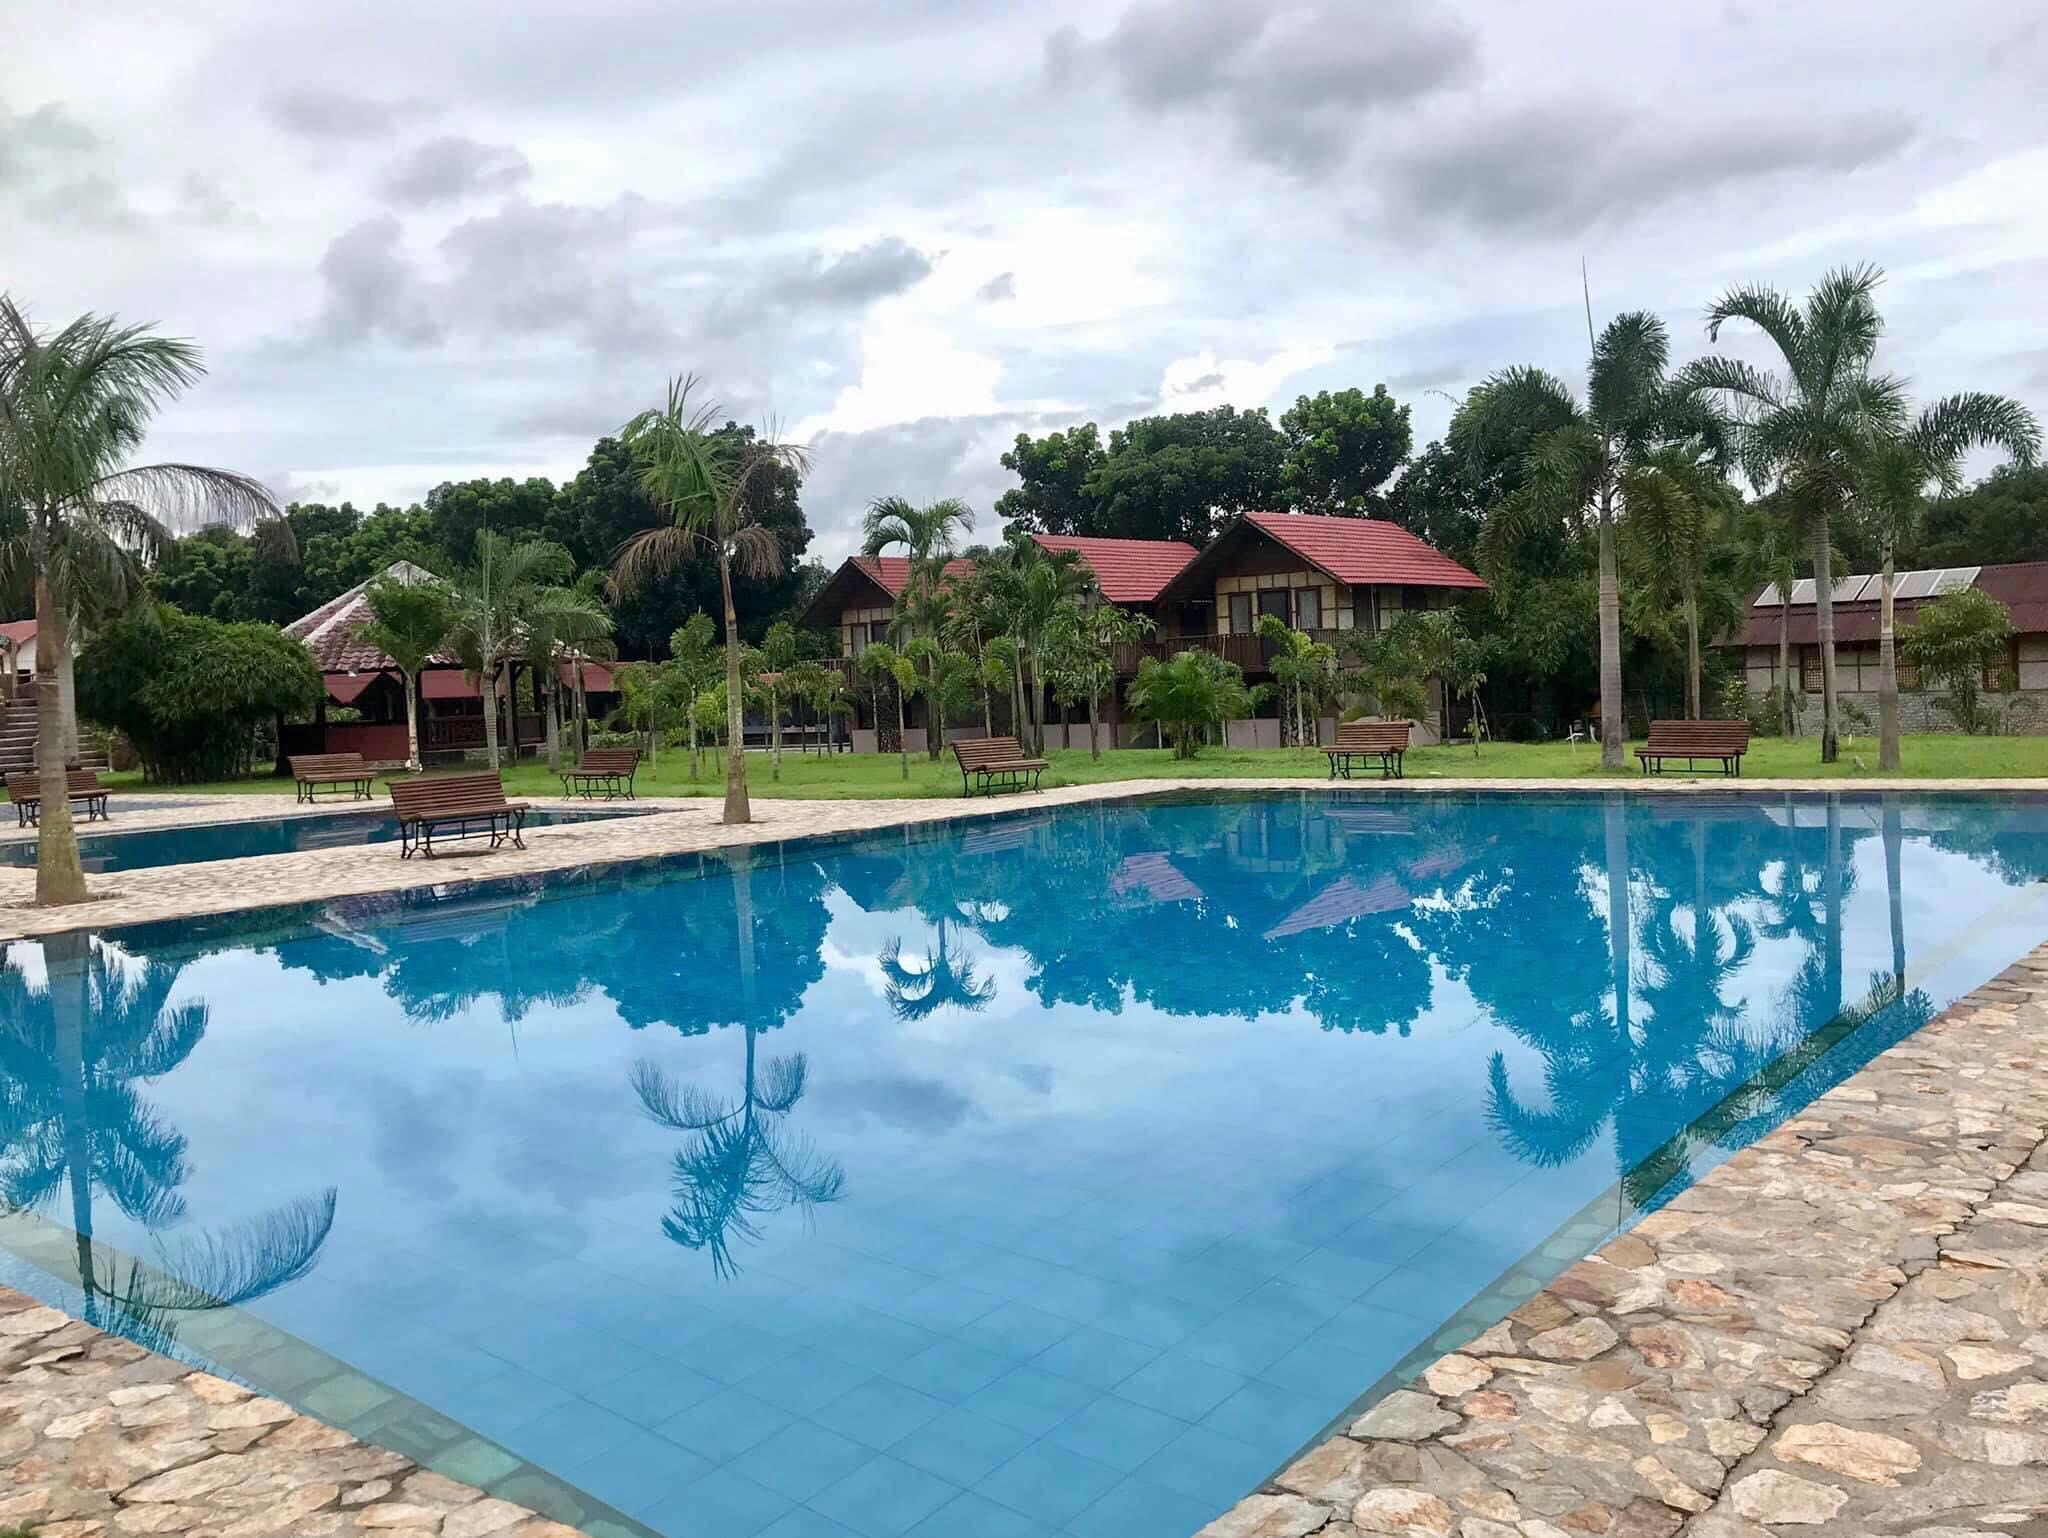 Hacienda Antonio